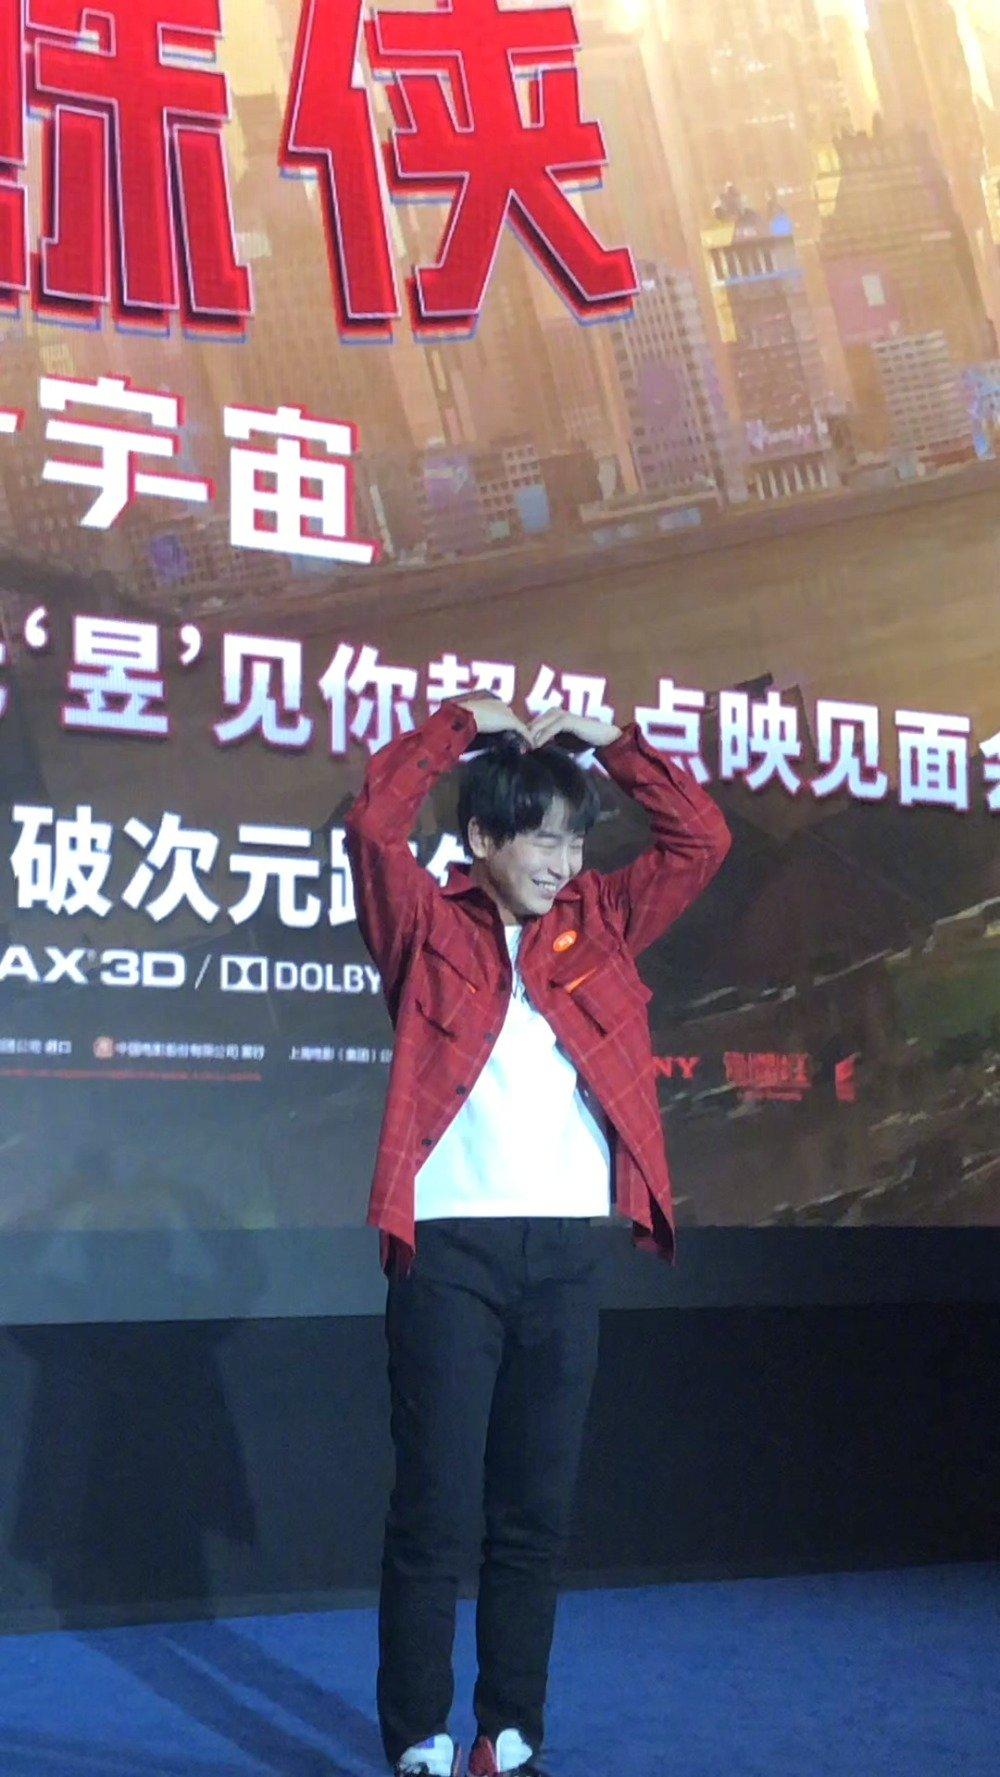 电影《蜘蛛侠:平行宇宙》下午在北京举行点映见面会